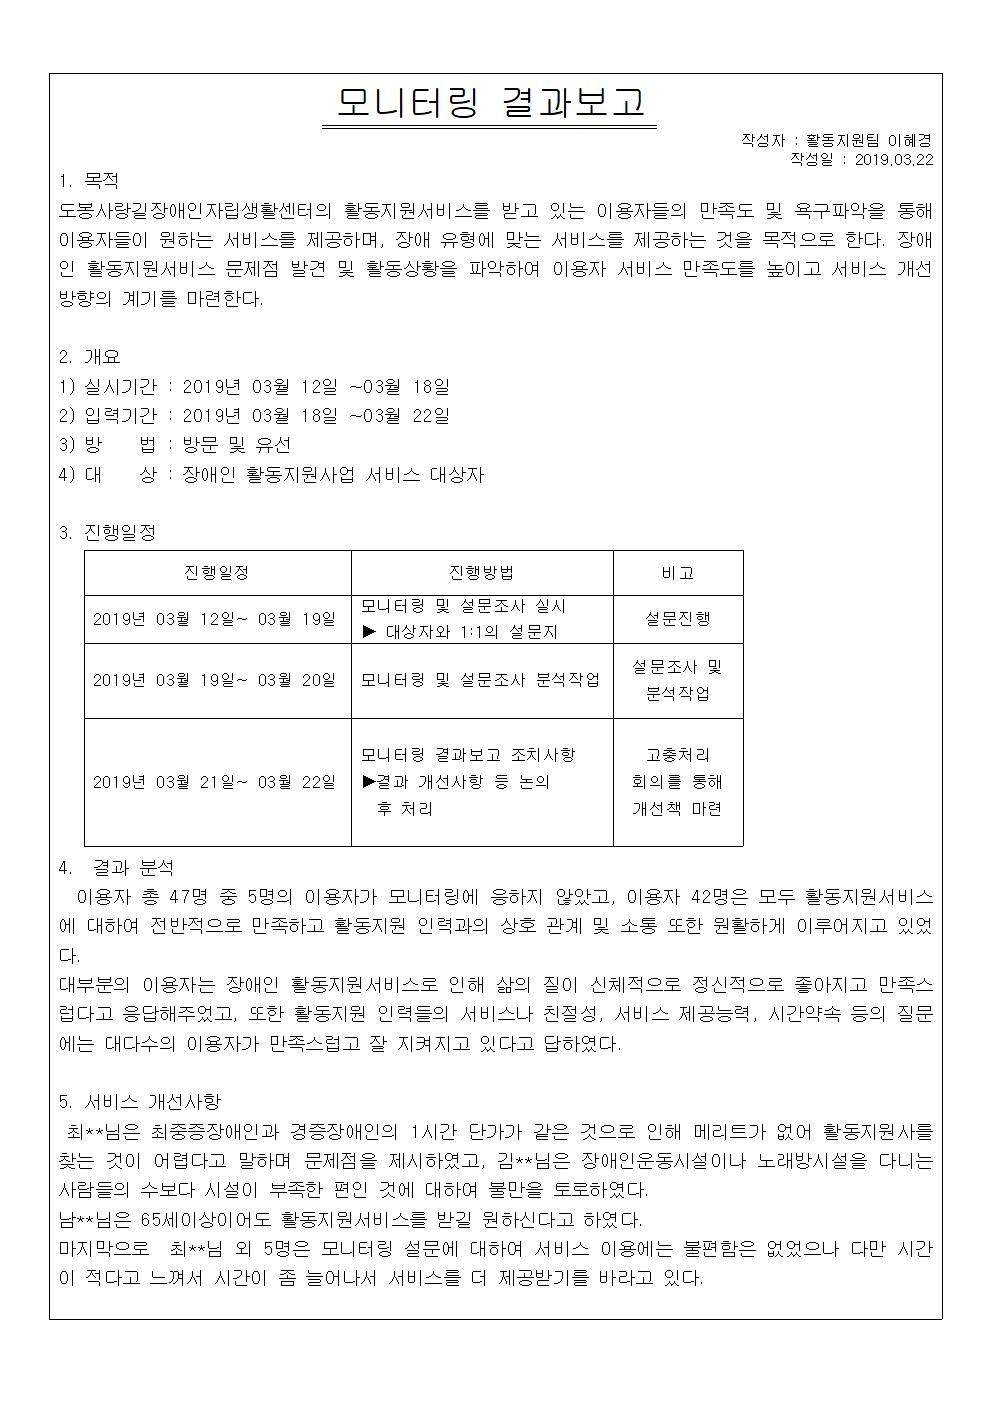 2019년 1차 모니터링결과보고서001.png